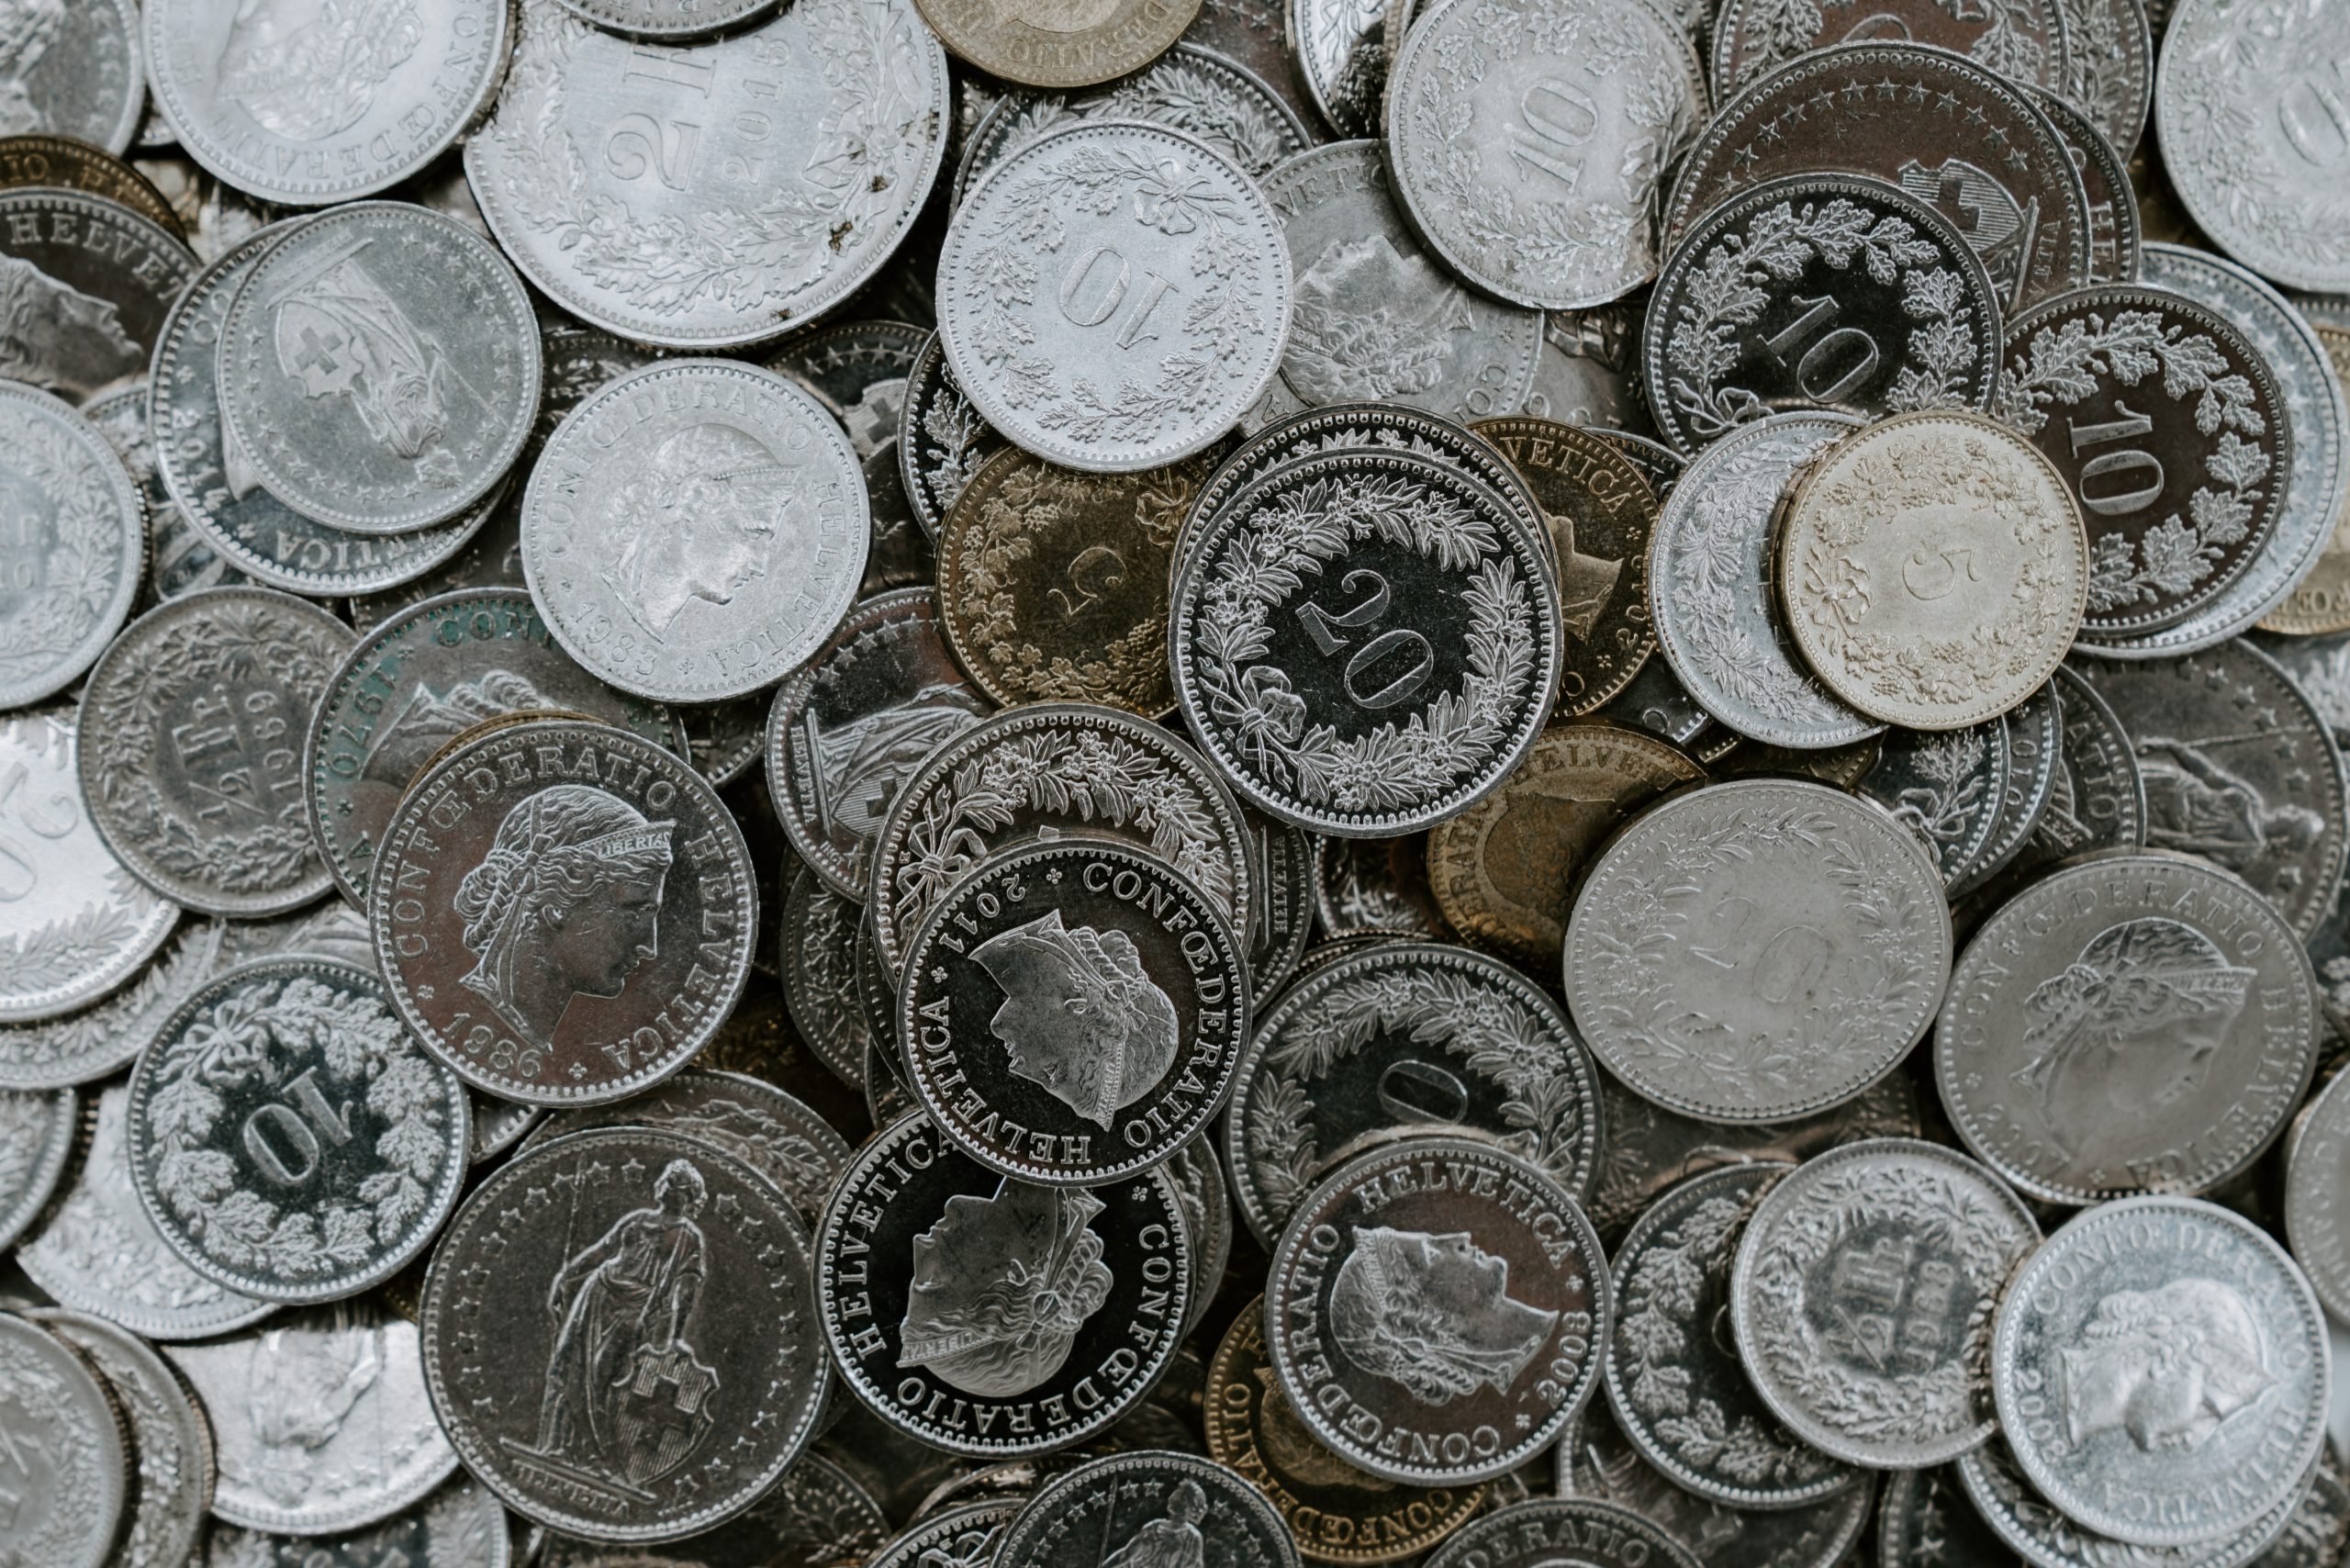 Spendee : Apprendre à gérer son argent